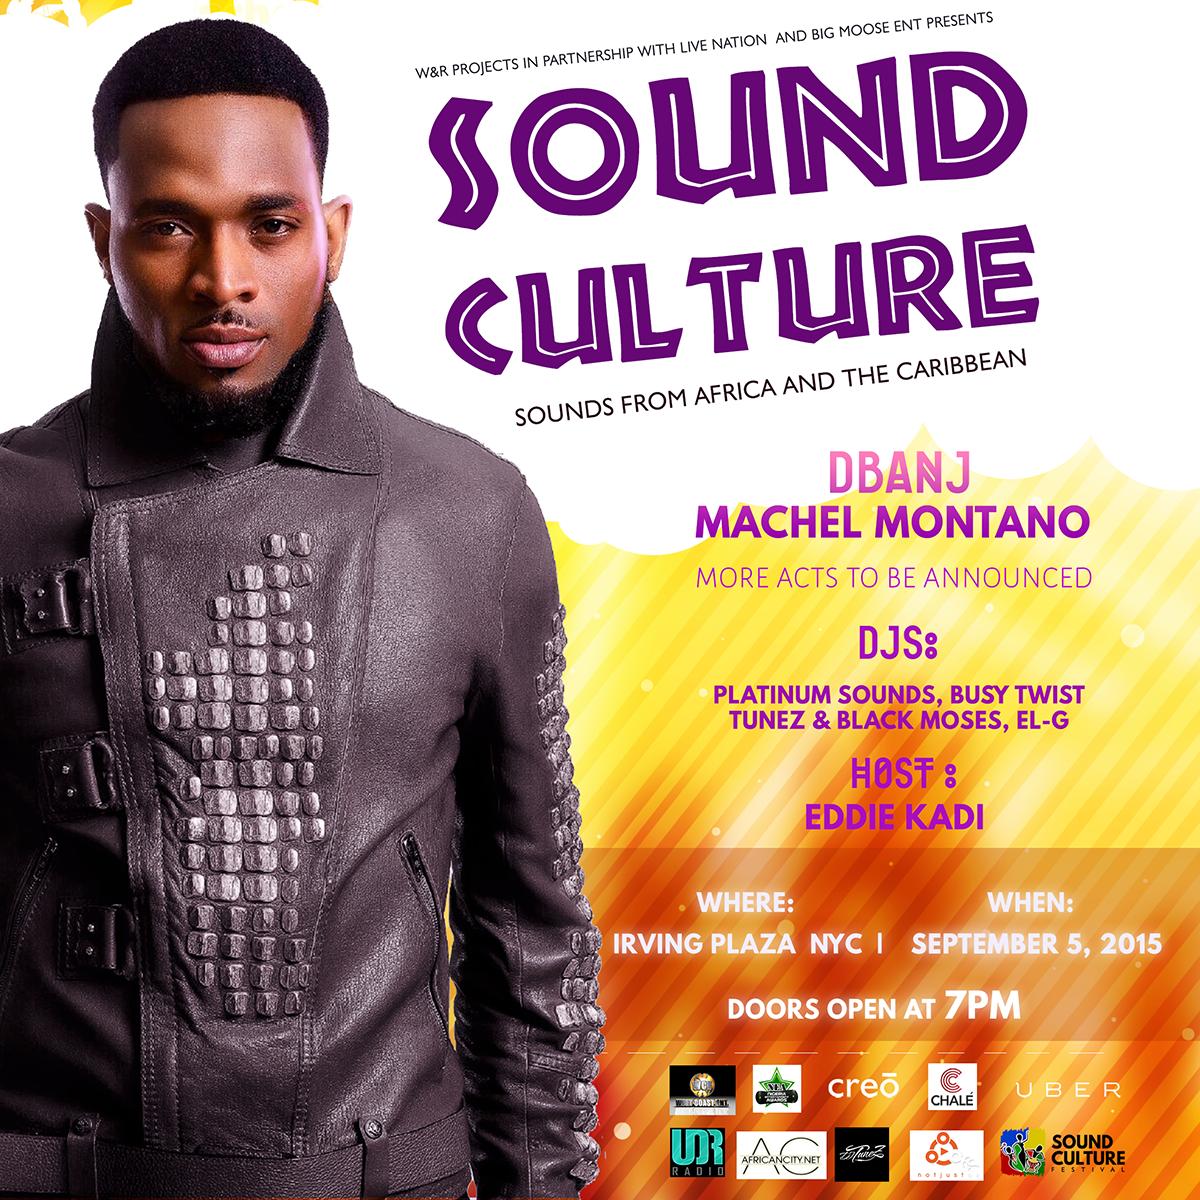 Live Nation Announces 1st Sound Culture Fest w/ D'banj & Machel Montano